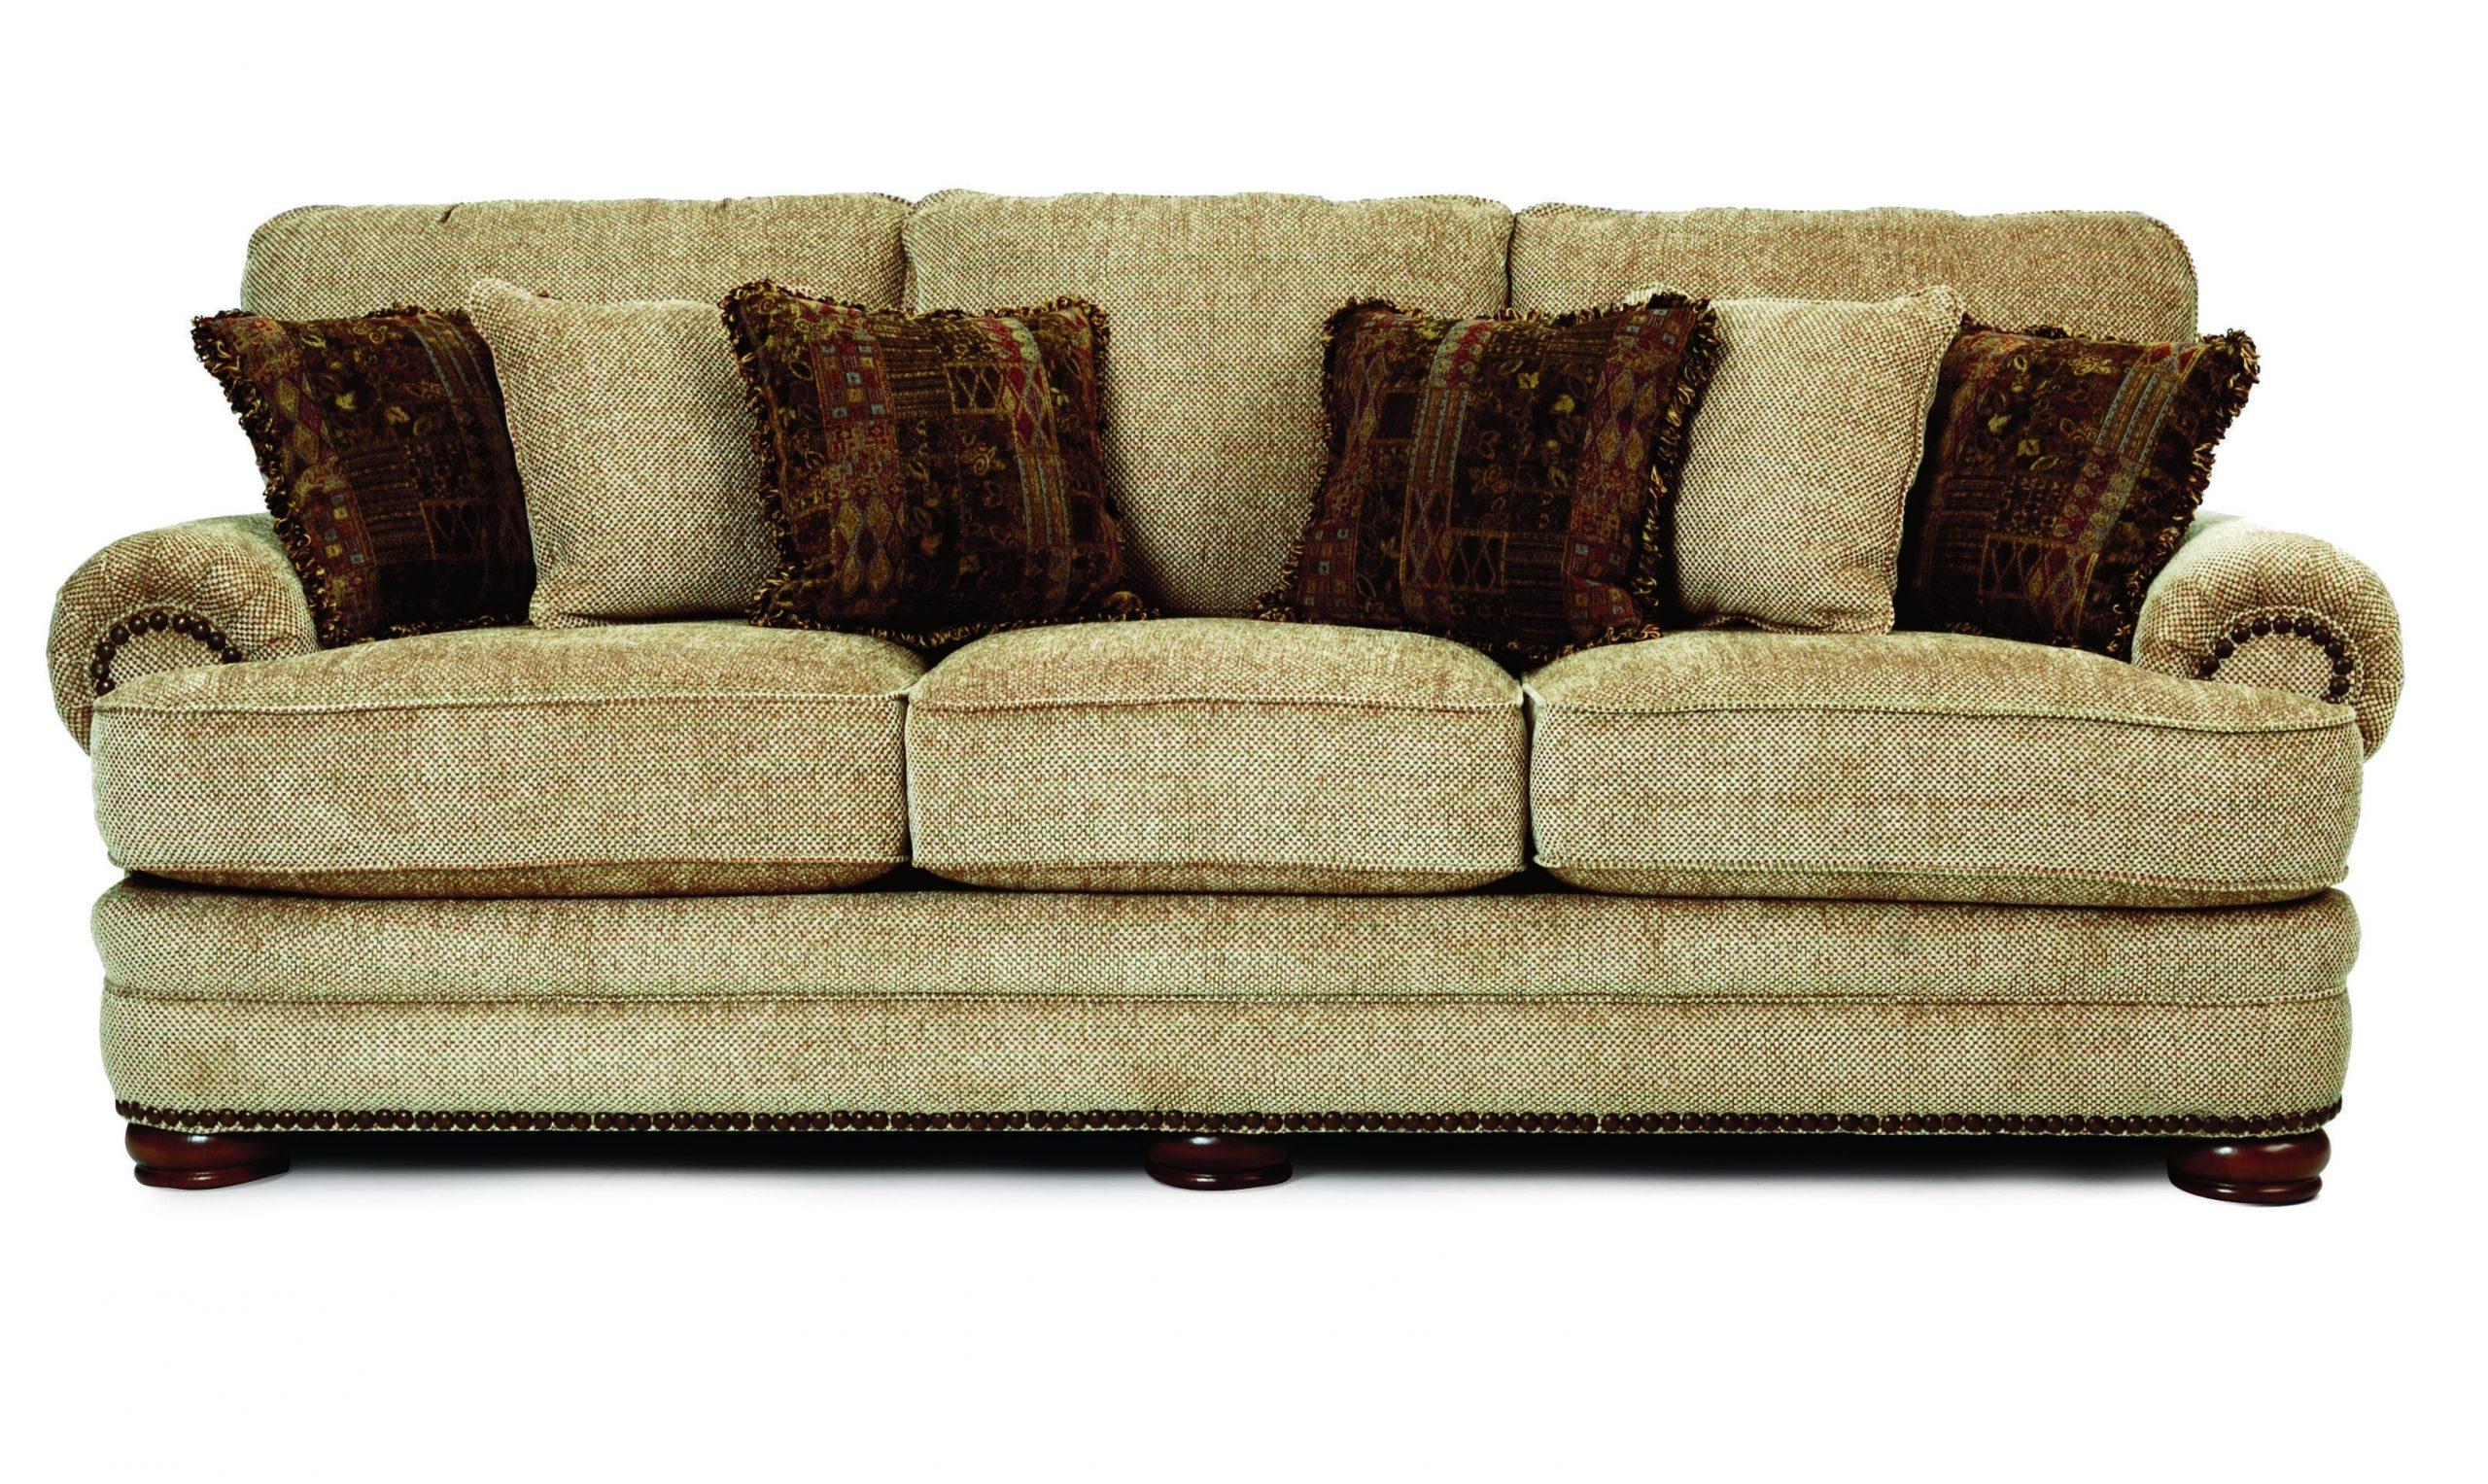 Lane Furniture Sofas